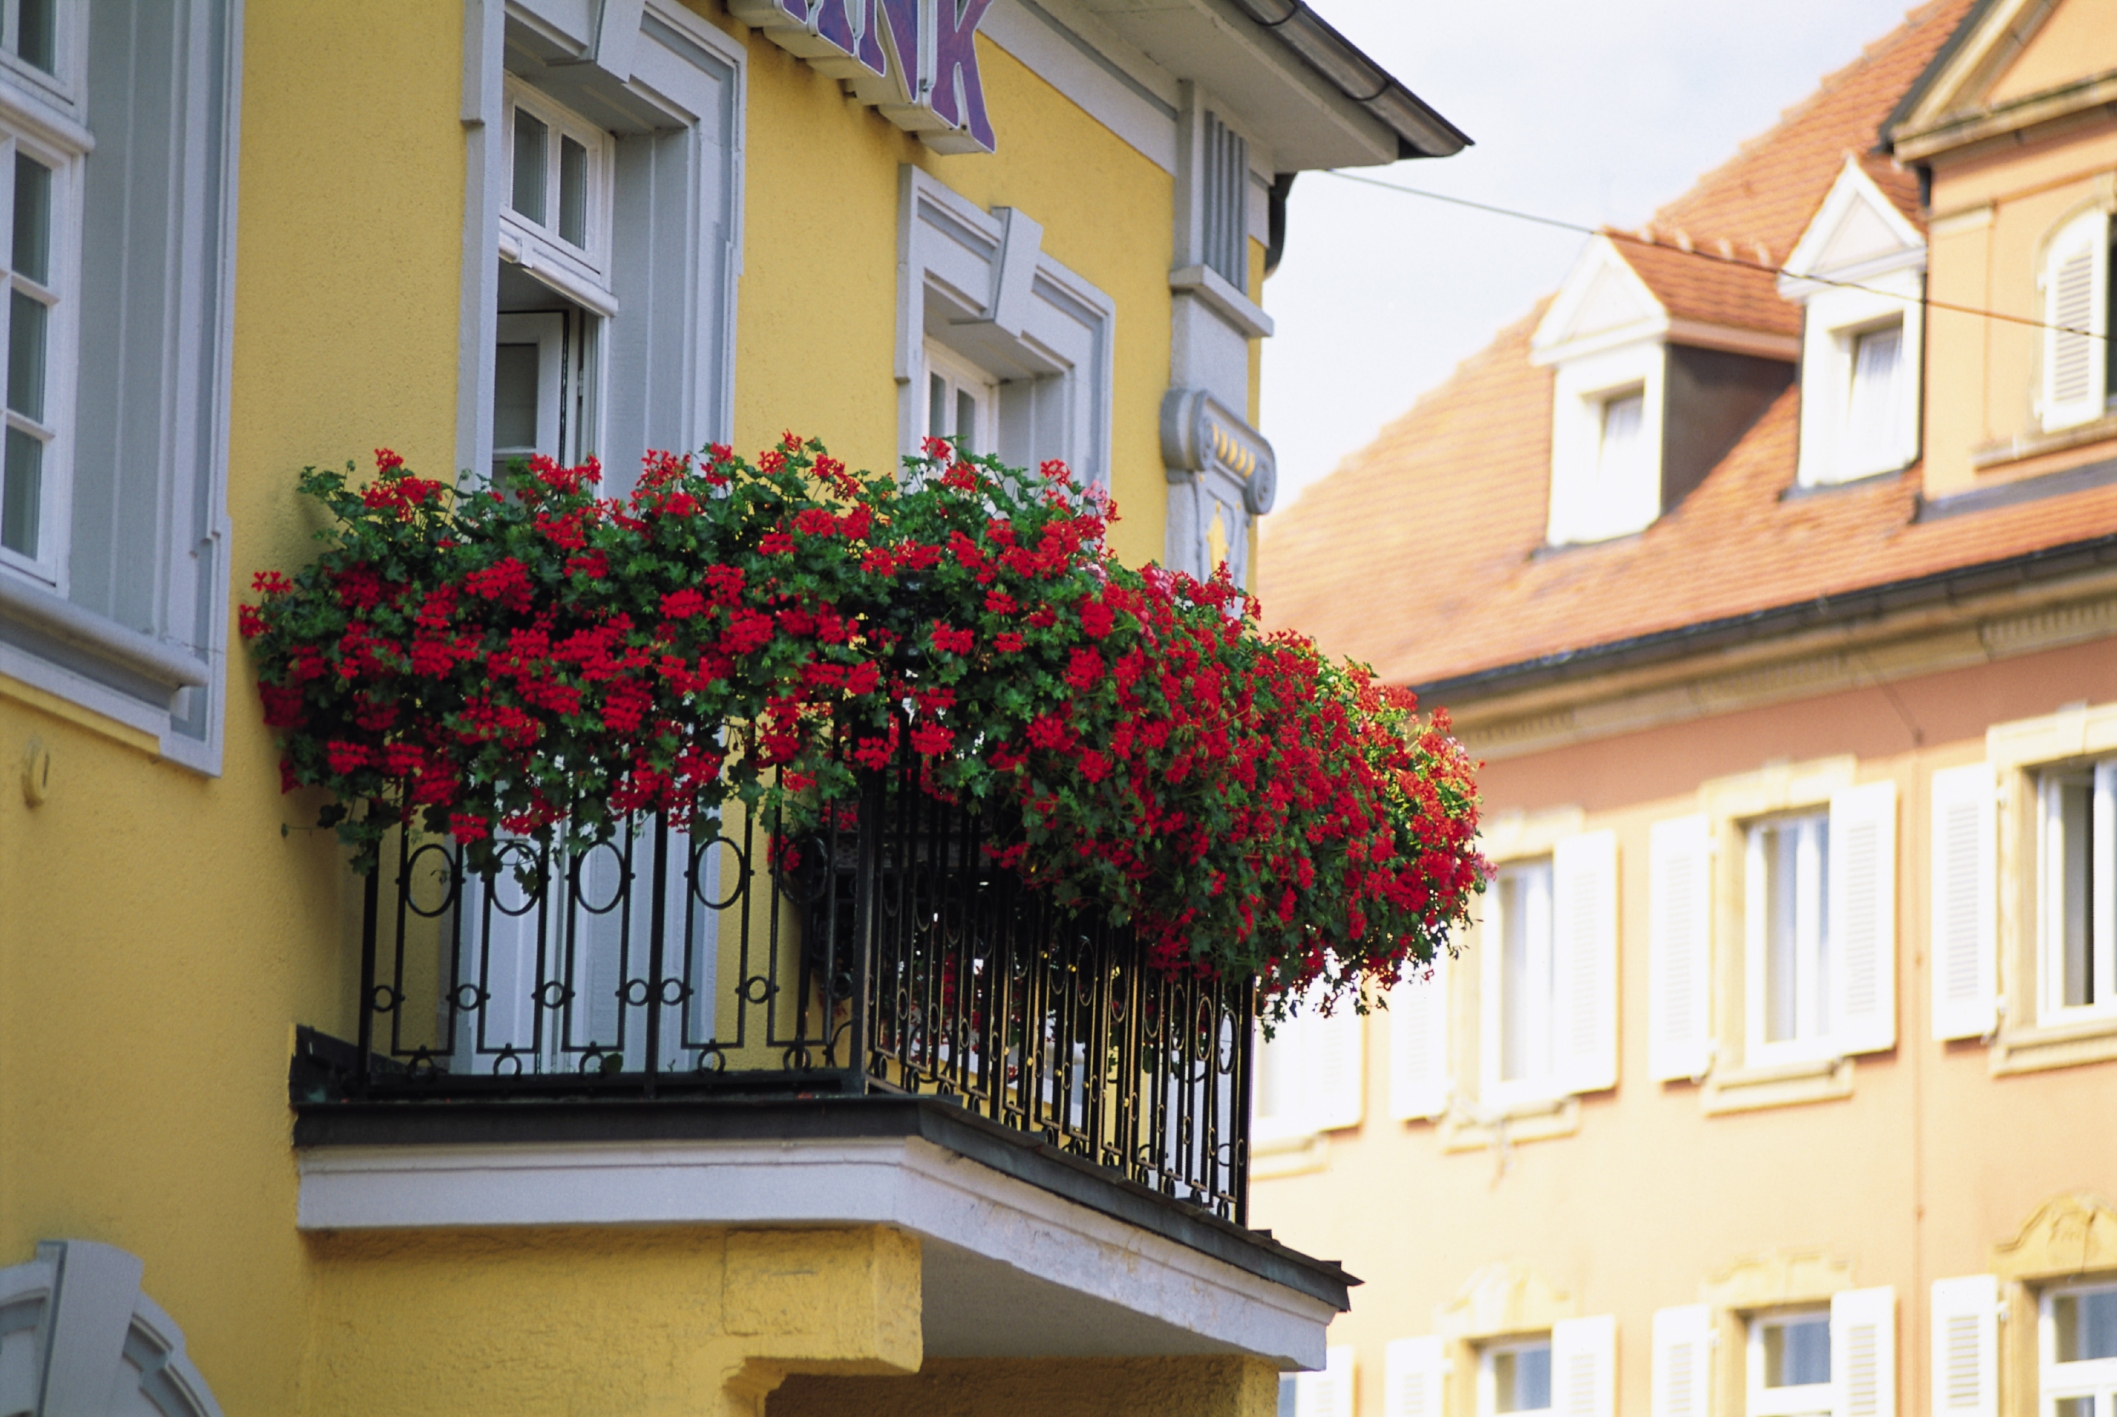 Balcone con fiori az08 regardsdefemmes for Arredare balconi piccoli